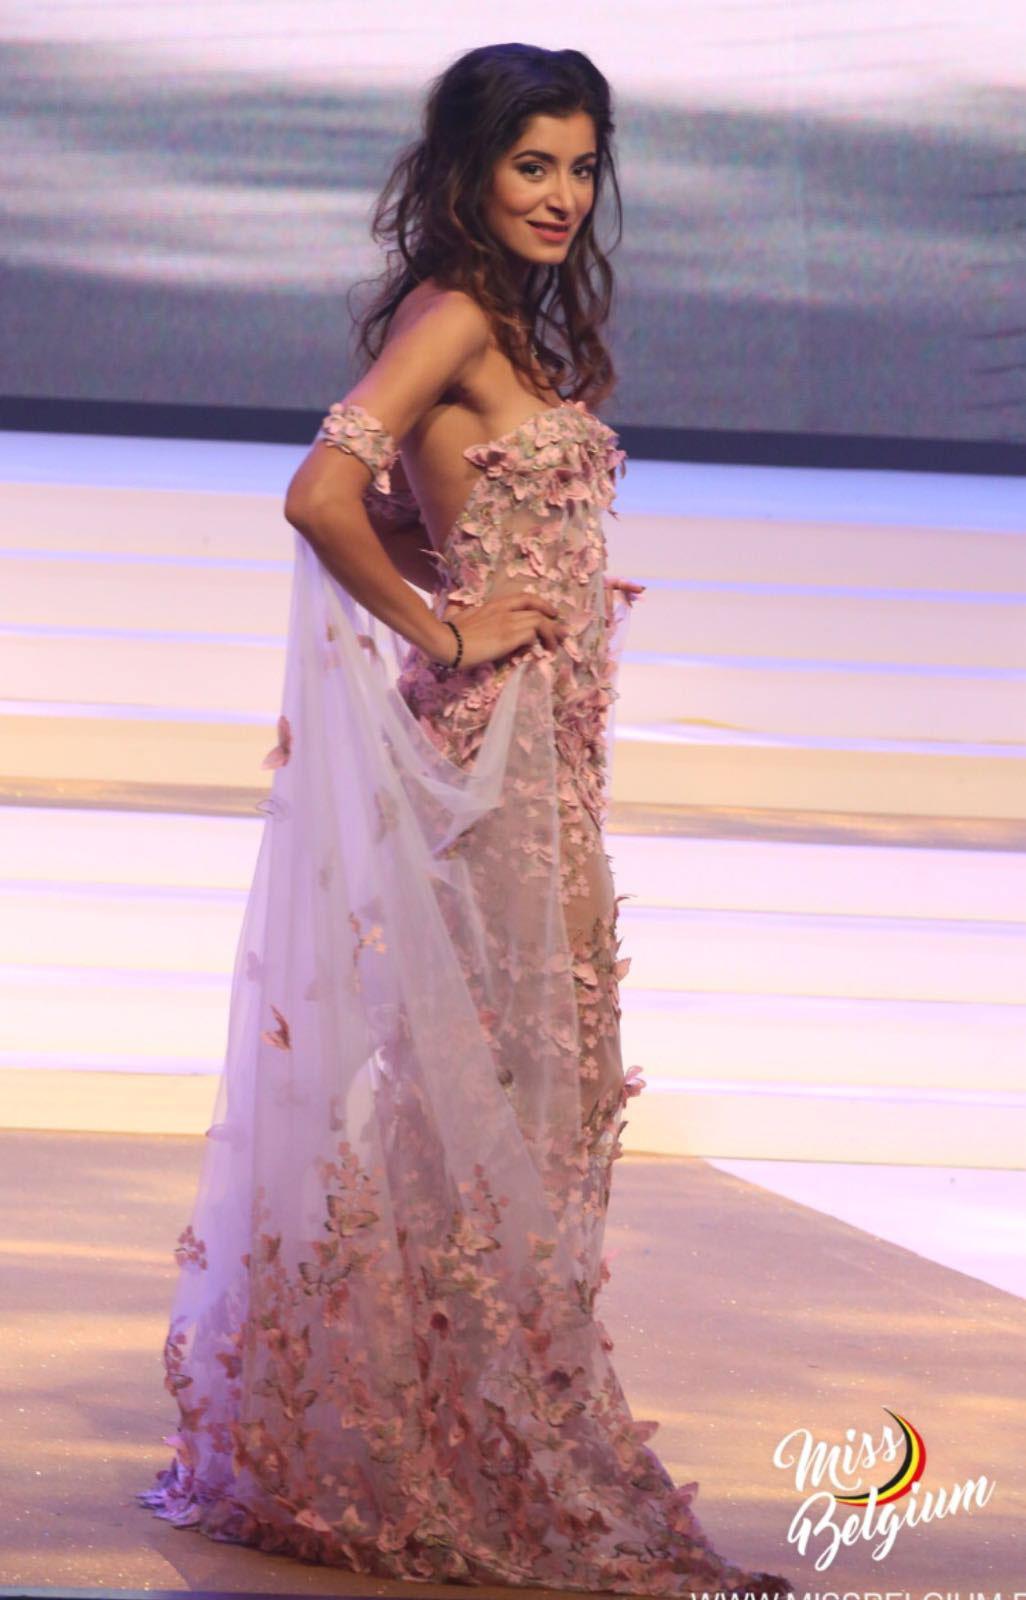 Kostuum ontwerp voor Shakila, Miss België 2017, zijwaarts